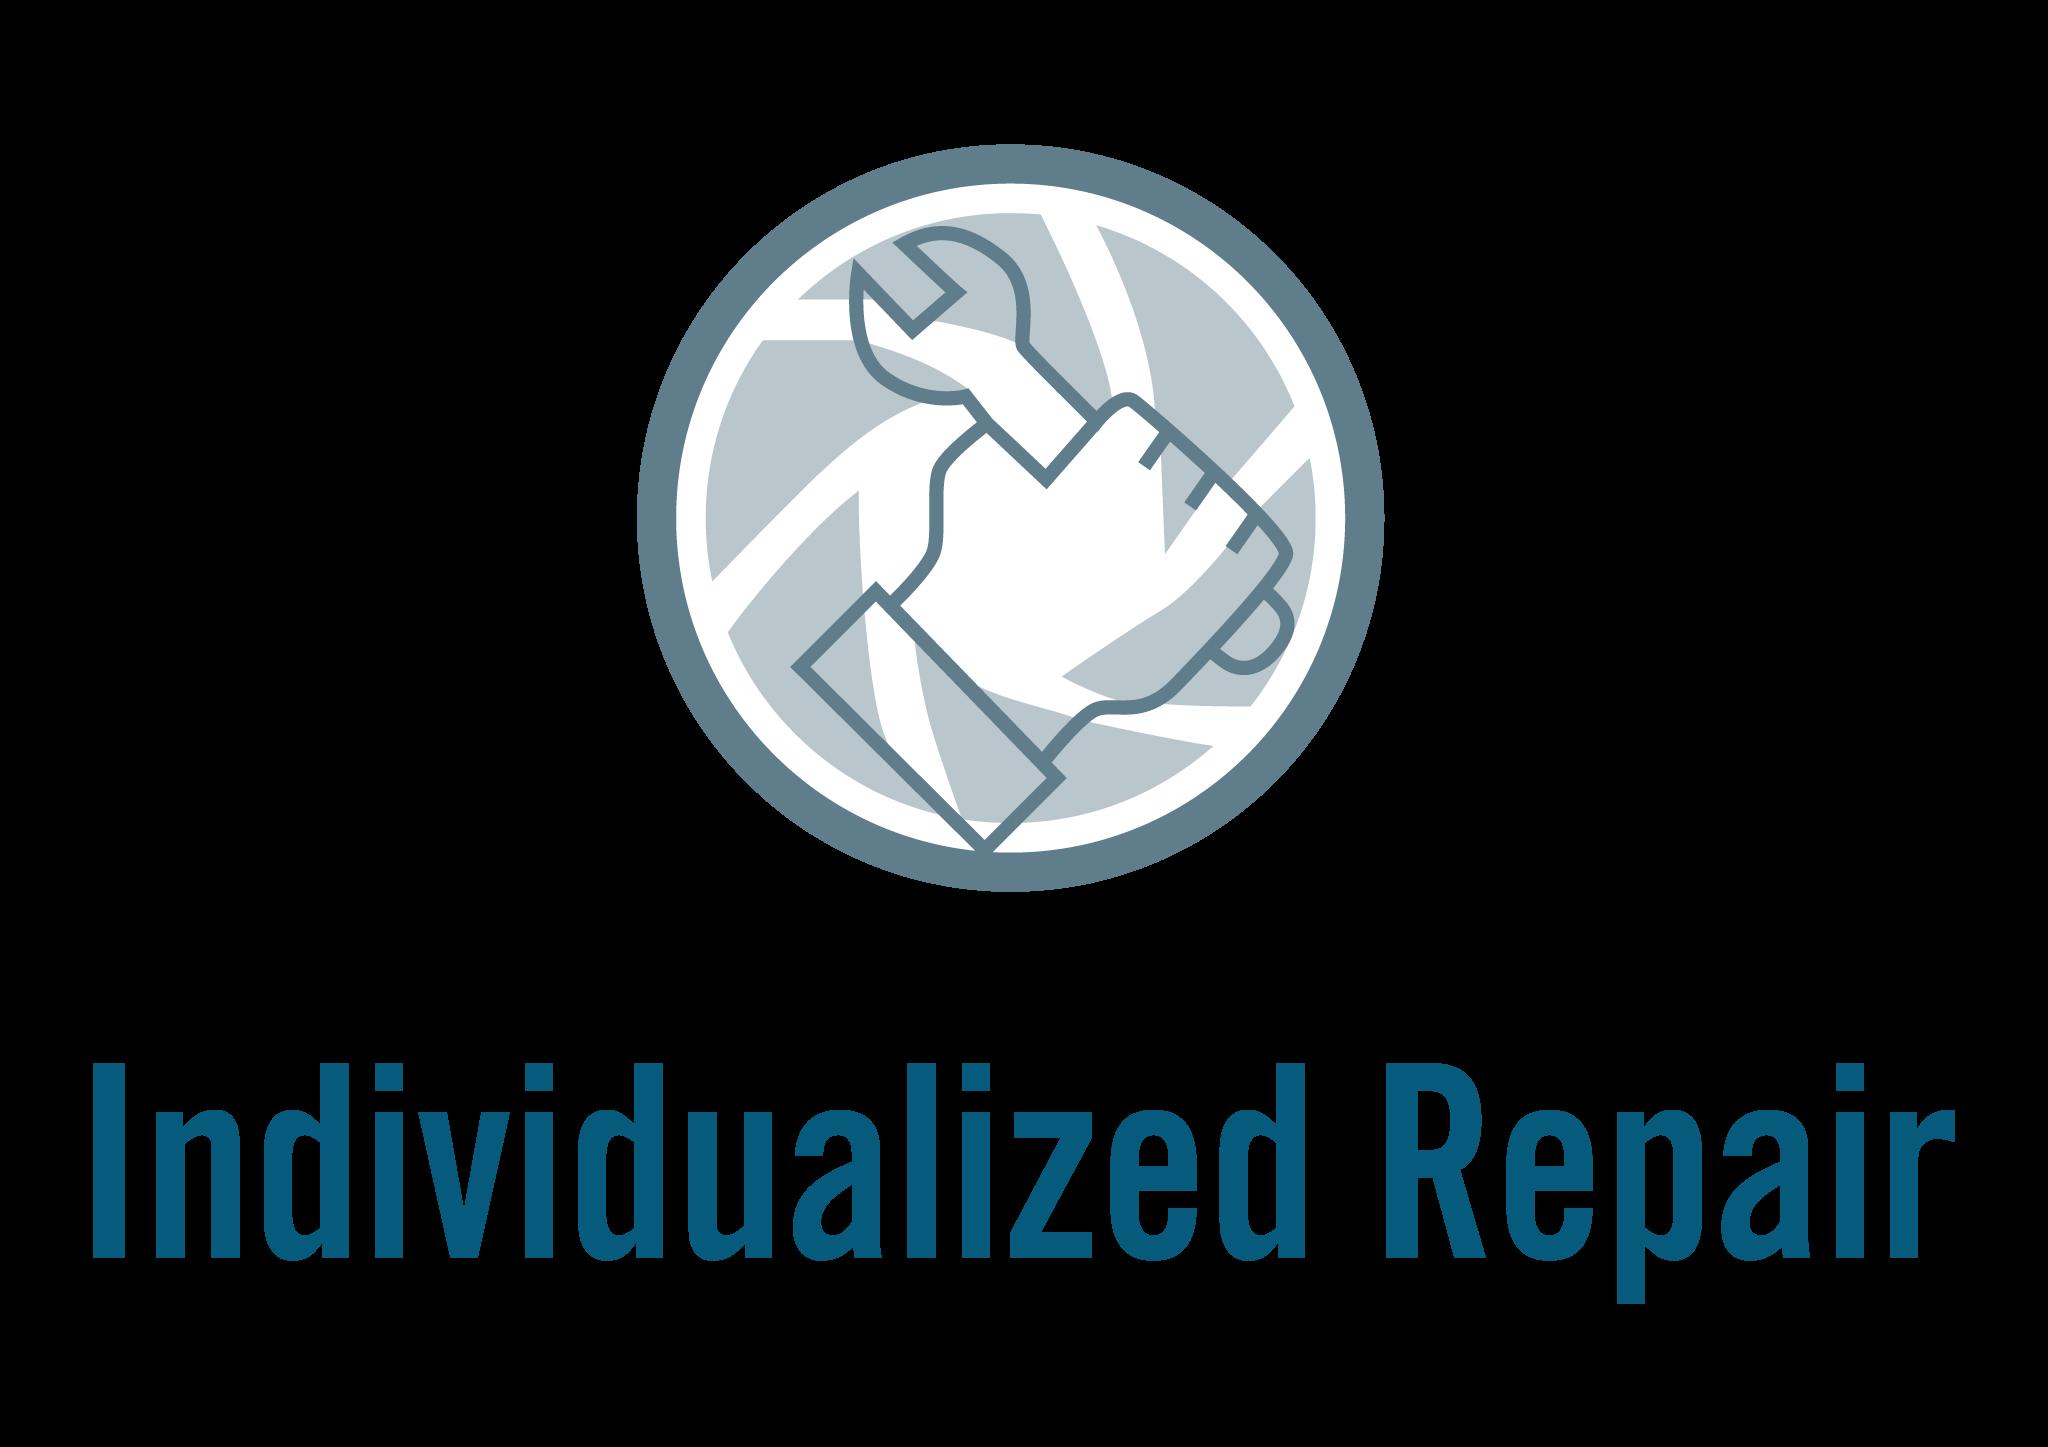 Individualized Repair